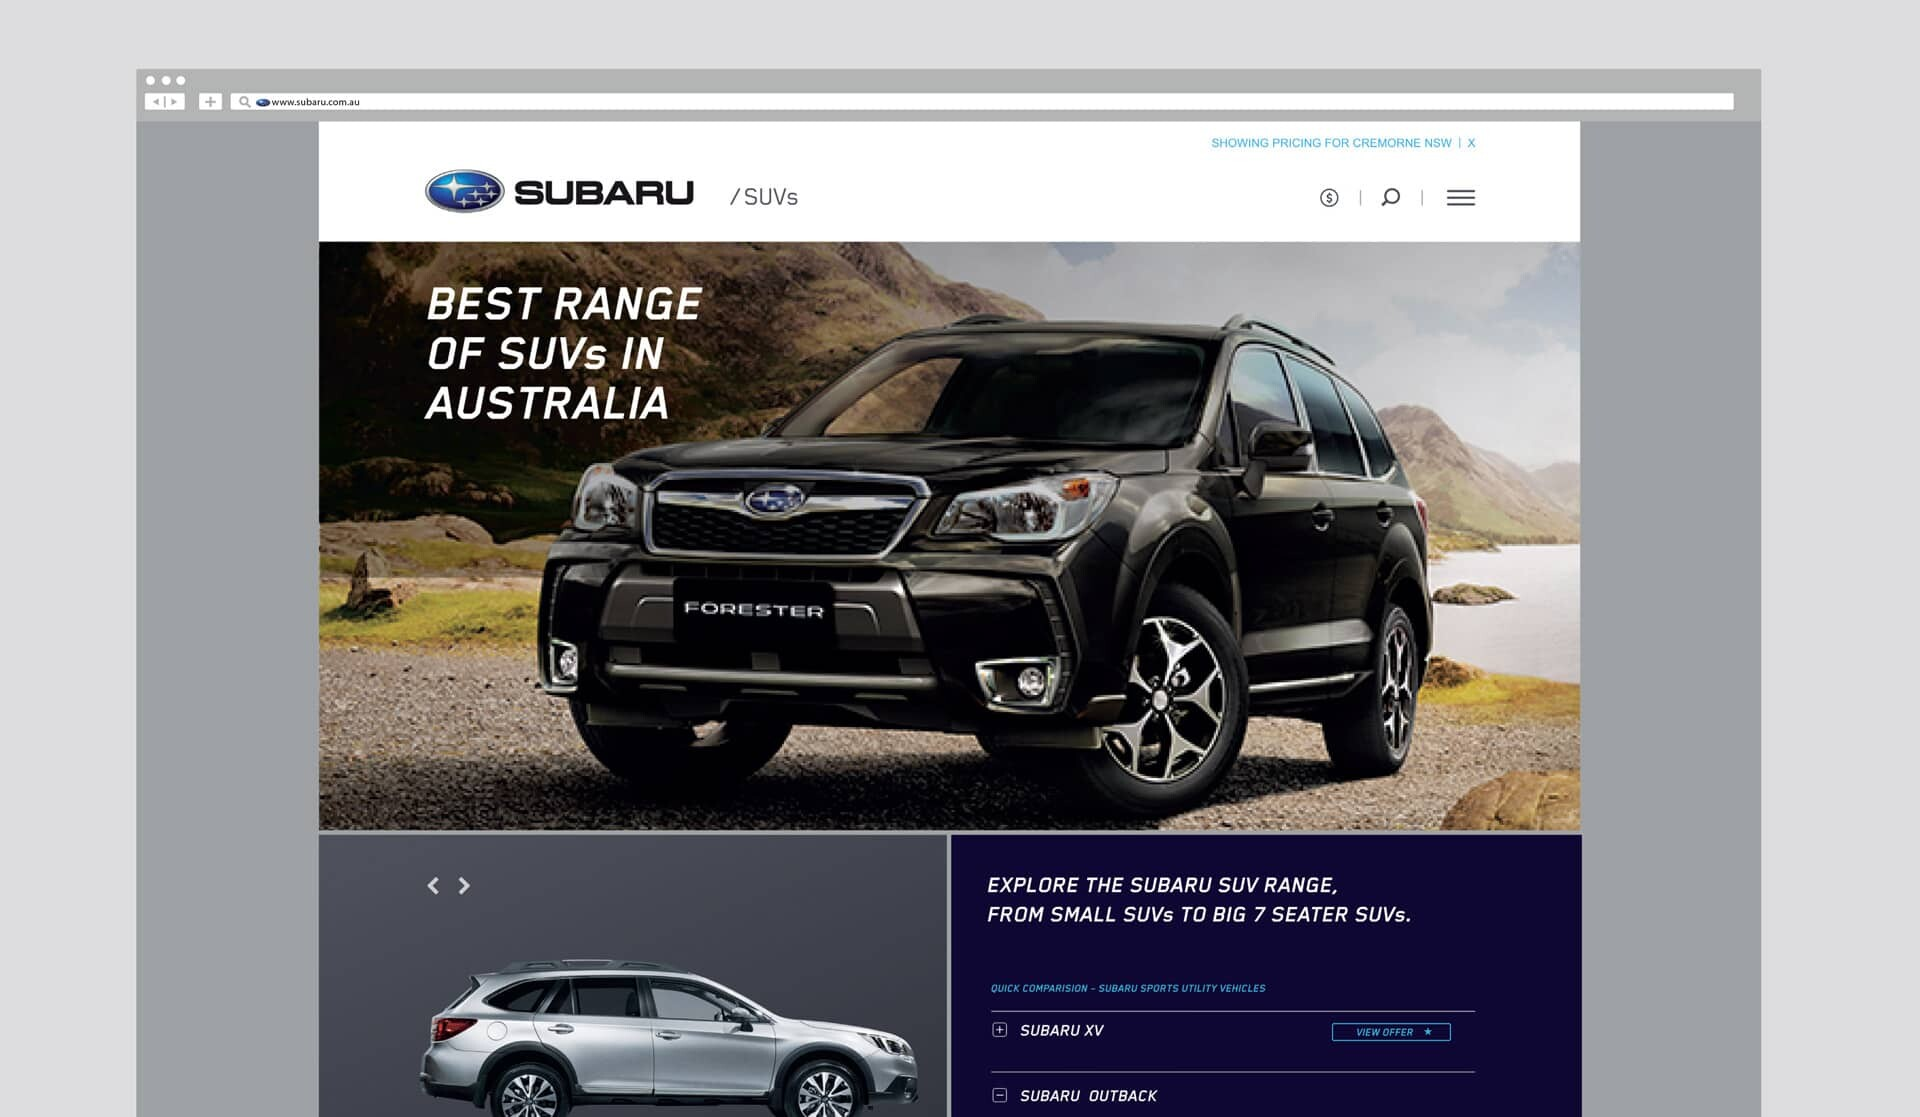 web design sydney and melbourne